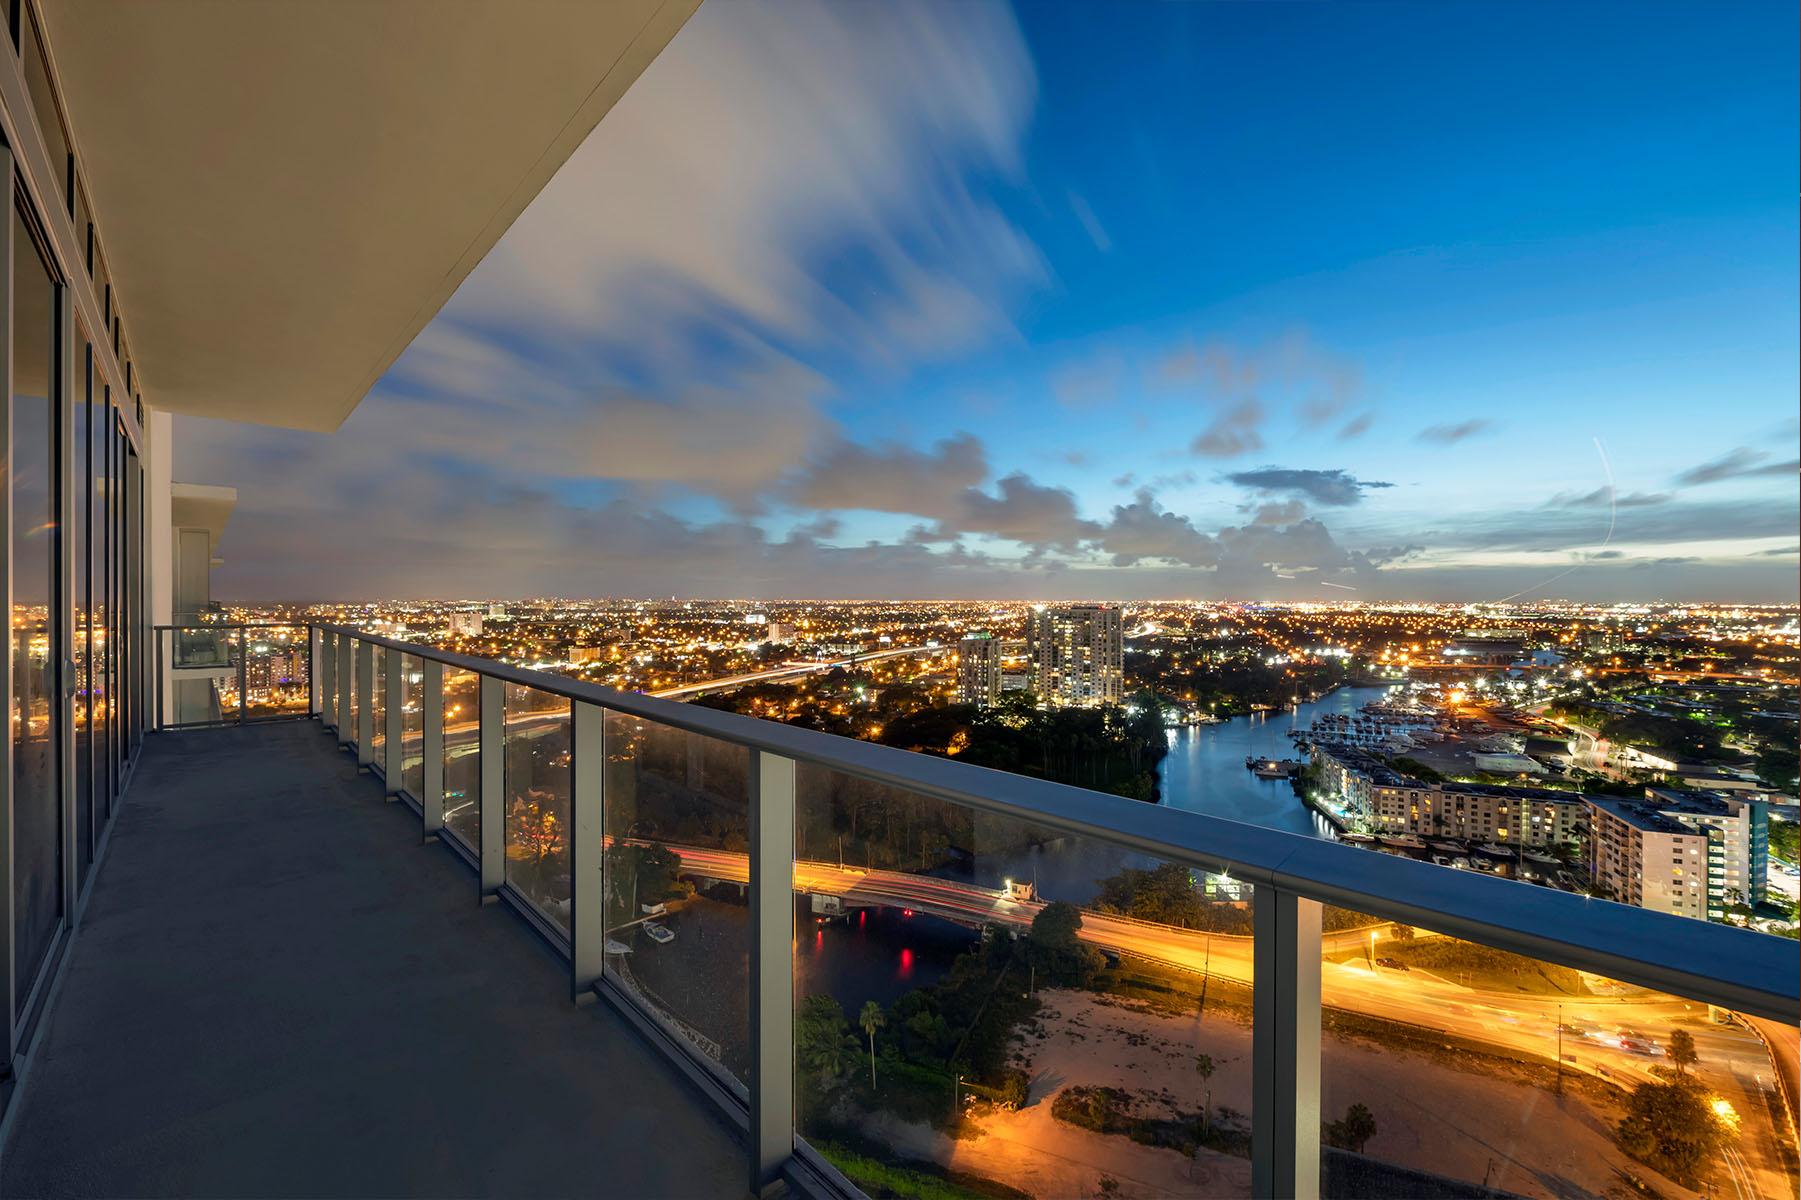 Balcony View of Miami at Dusk